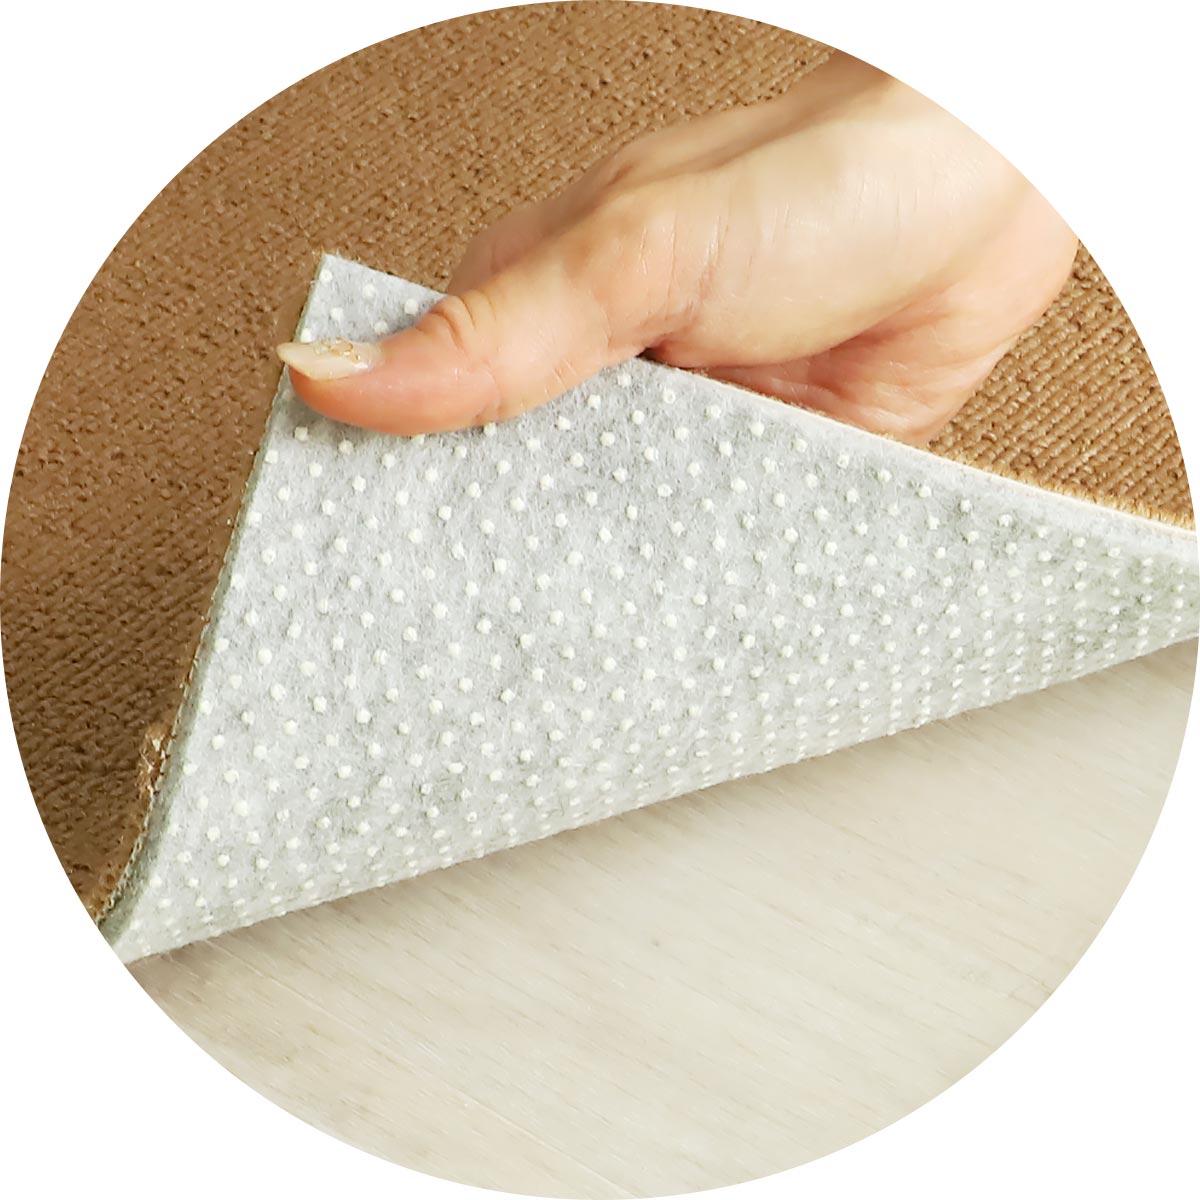 手洗いOK!消臭機能付き高機能タイルカーペット